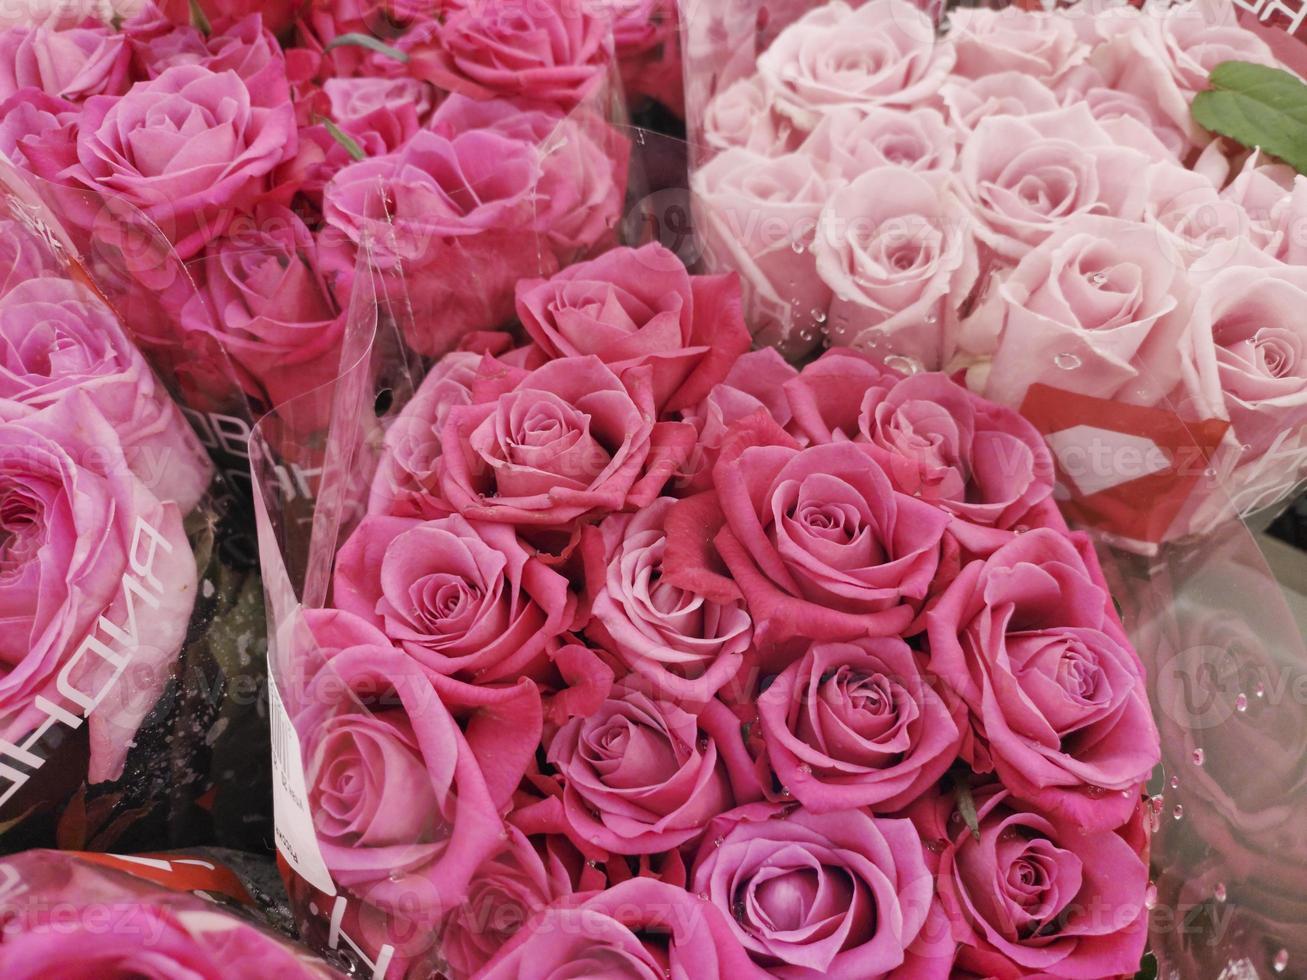 vente de roses dans le magasin. bouquets pour les fêtes. photo